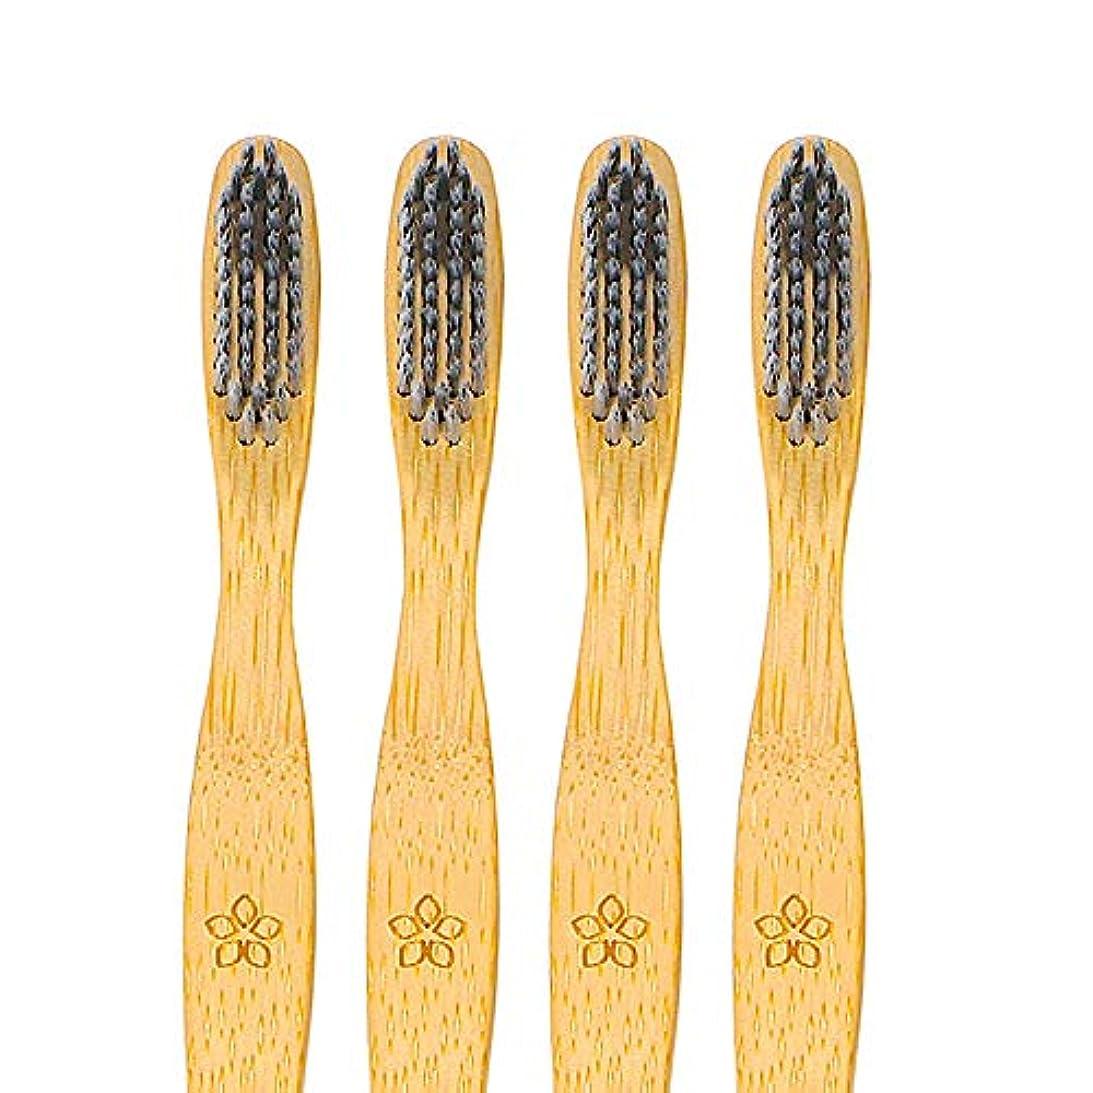 ミキサータイピスト振る舞う竹の歯ブラシ やわらかめ 活性炭入り 極繊細毛 4本セット 100%生分解性  プラスチックフリー